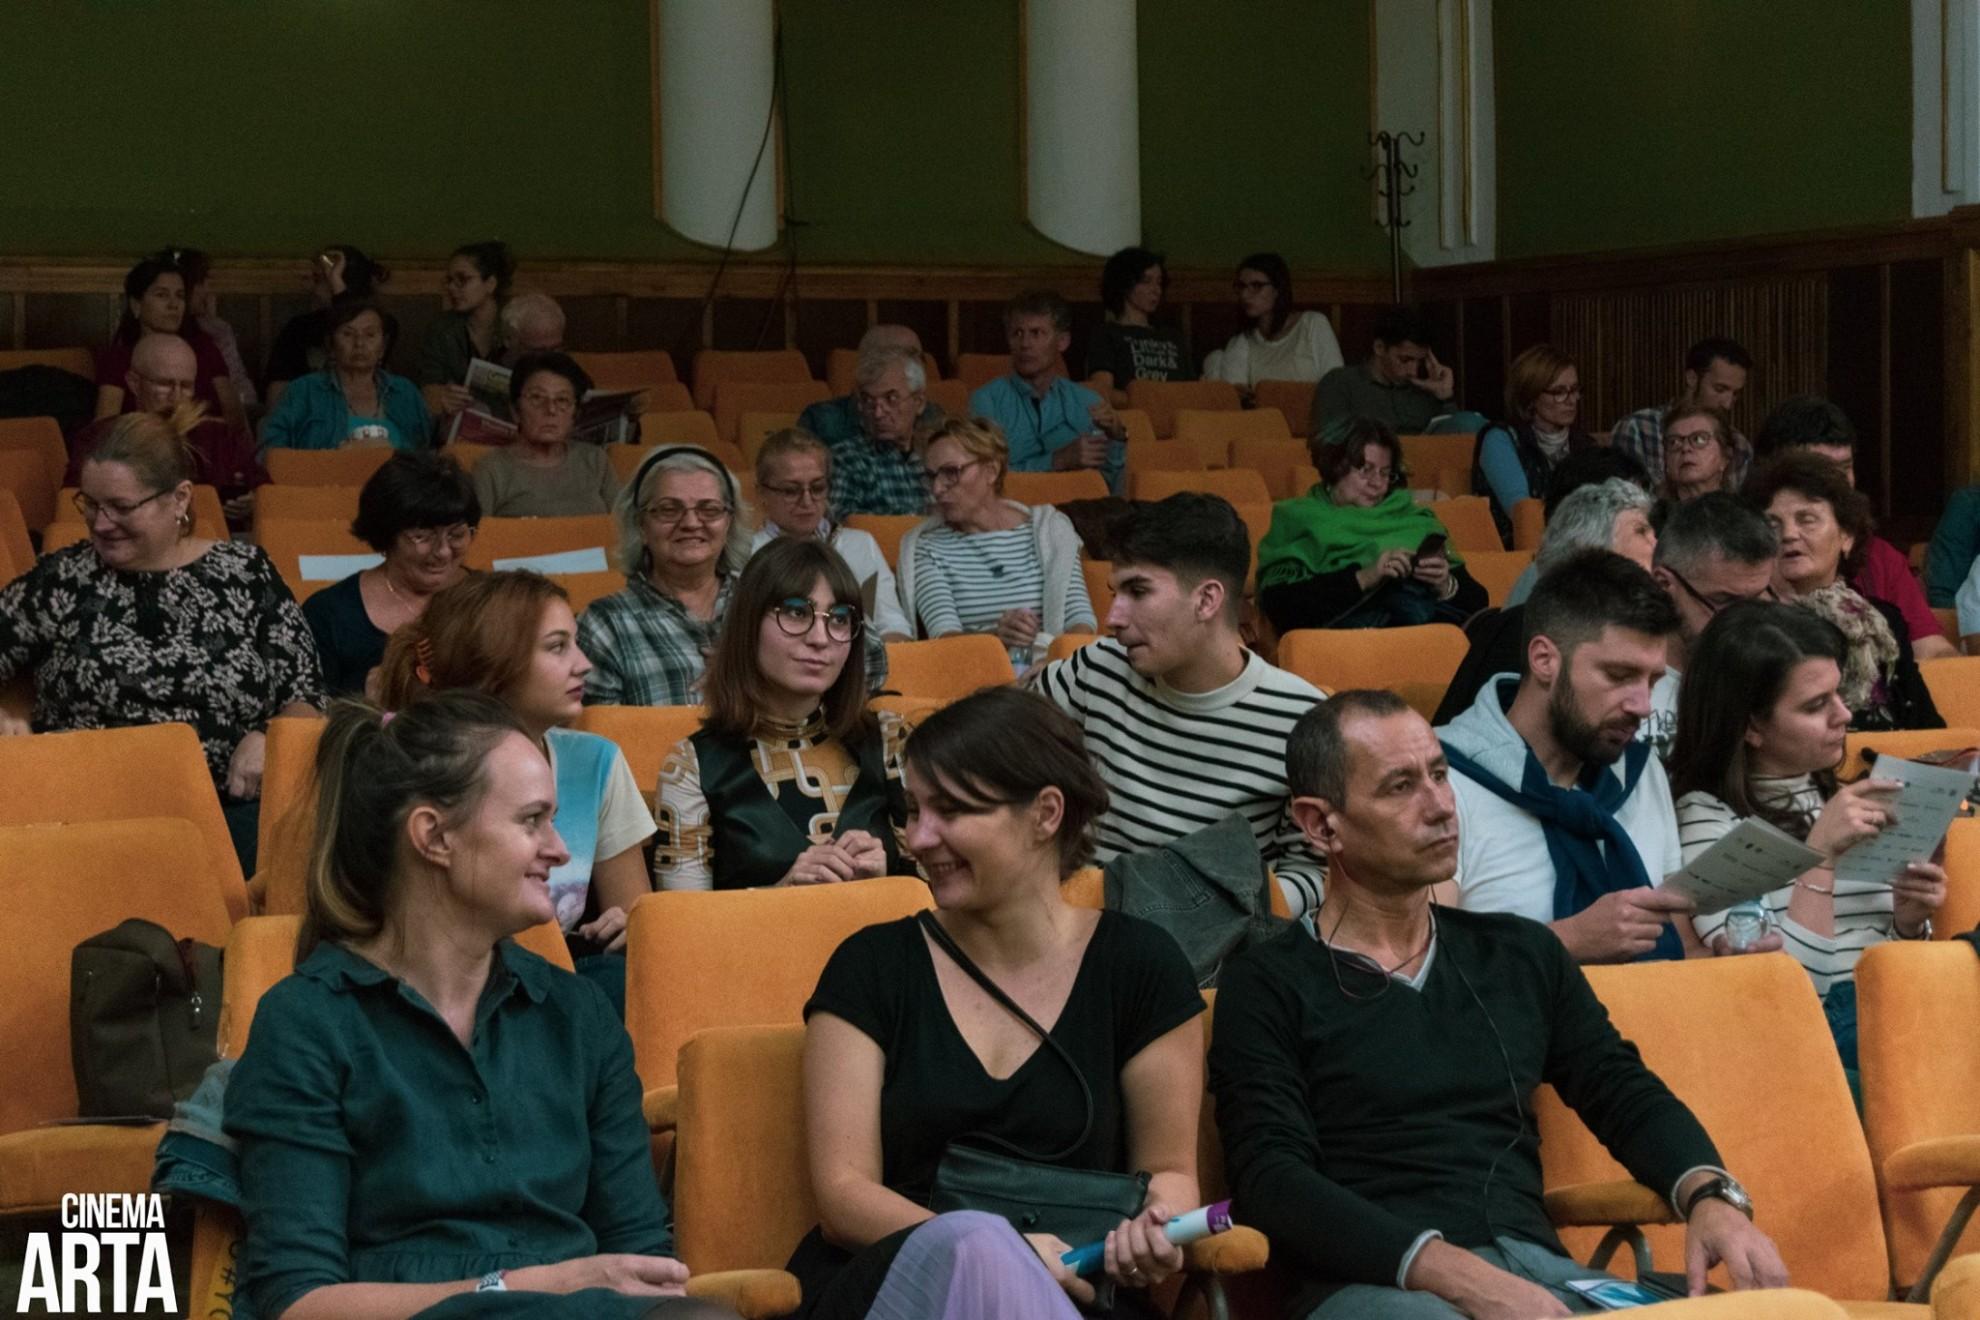 Centrul Municipal de Cultură vă propune pentru finalul acestei săptămâni două proiecții care s-au bucurat de un mare interes în rândul publicului arădean în anul 2019